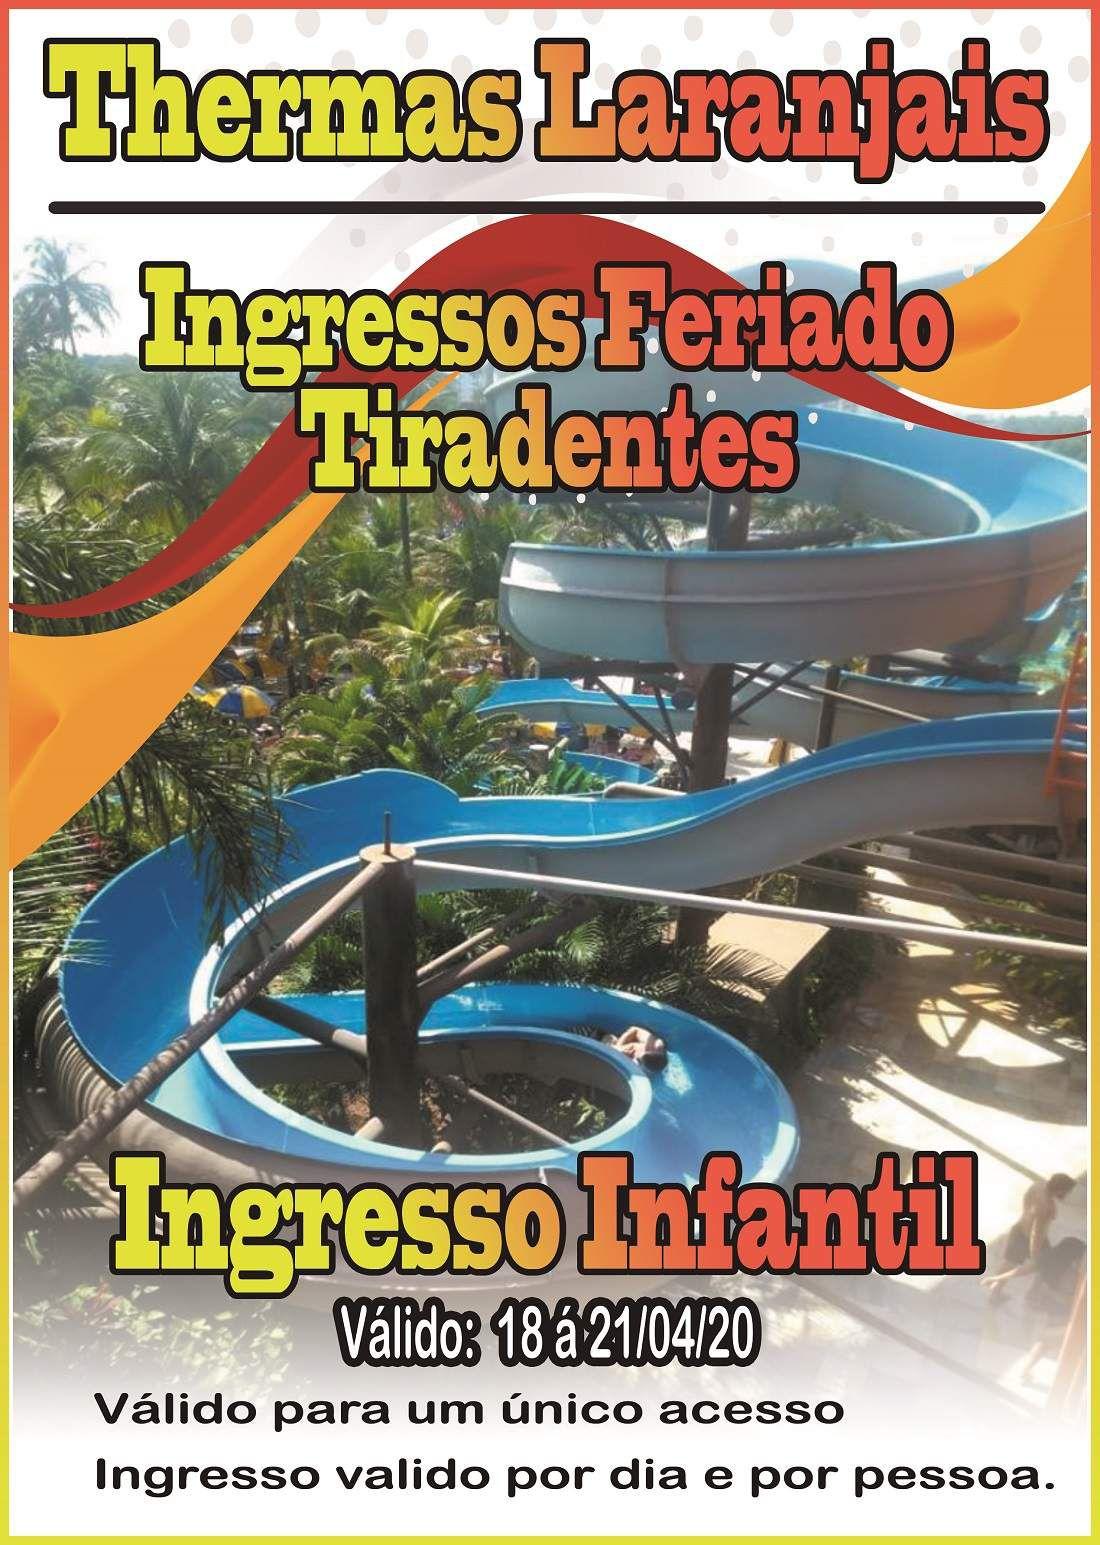 Ingresso Infantil - Tiradentes - Thermas dos Laranjais  - Thermas Fácil